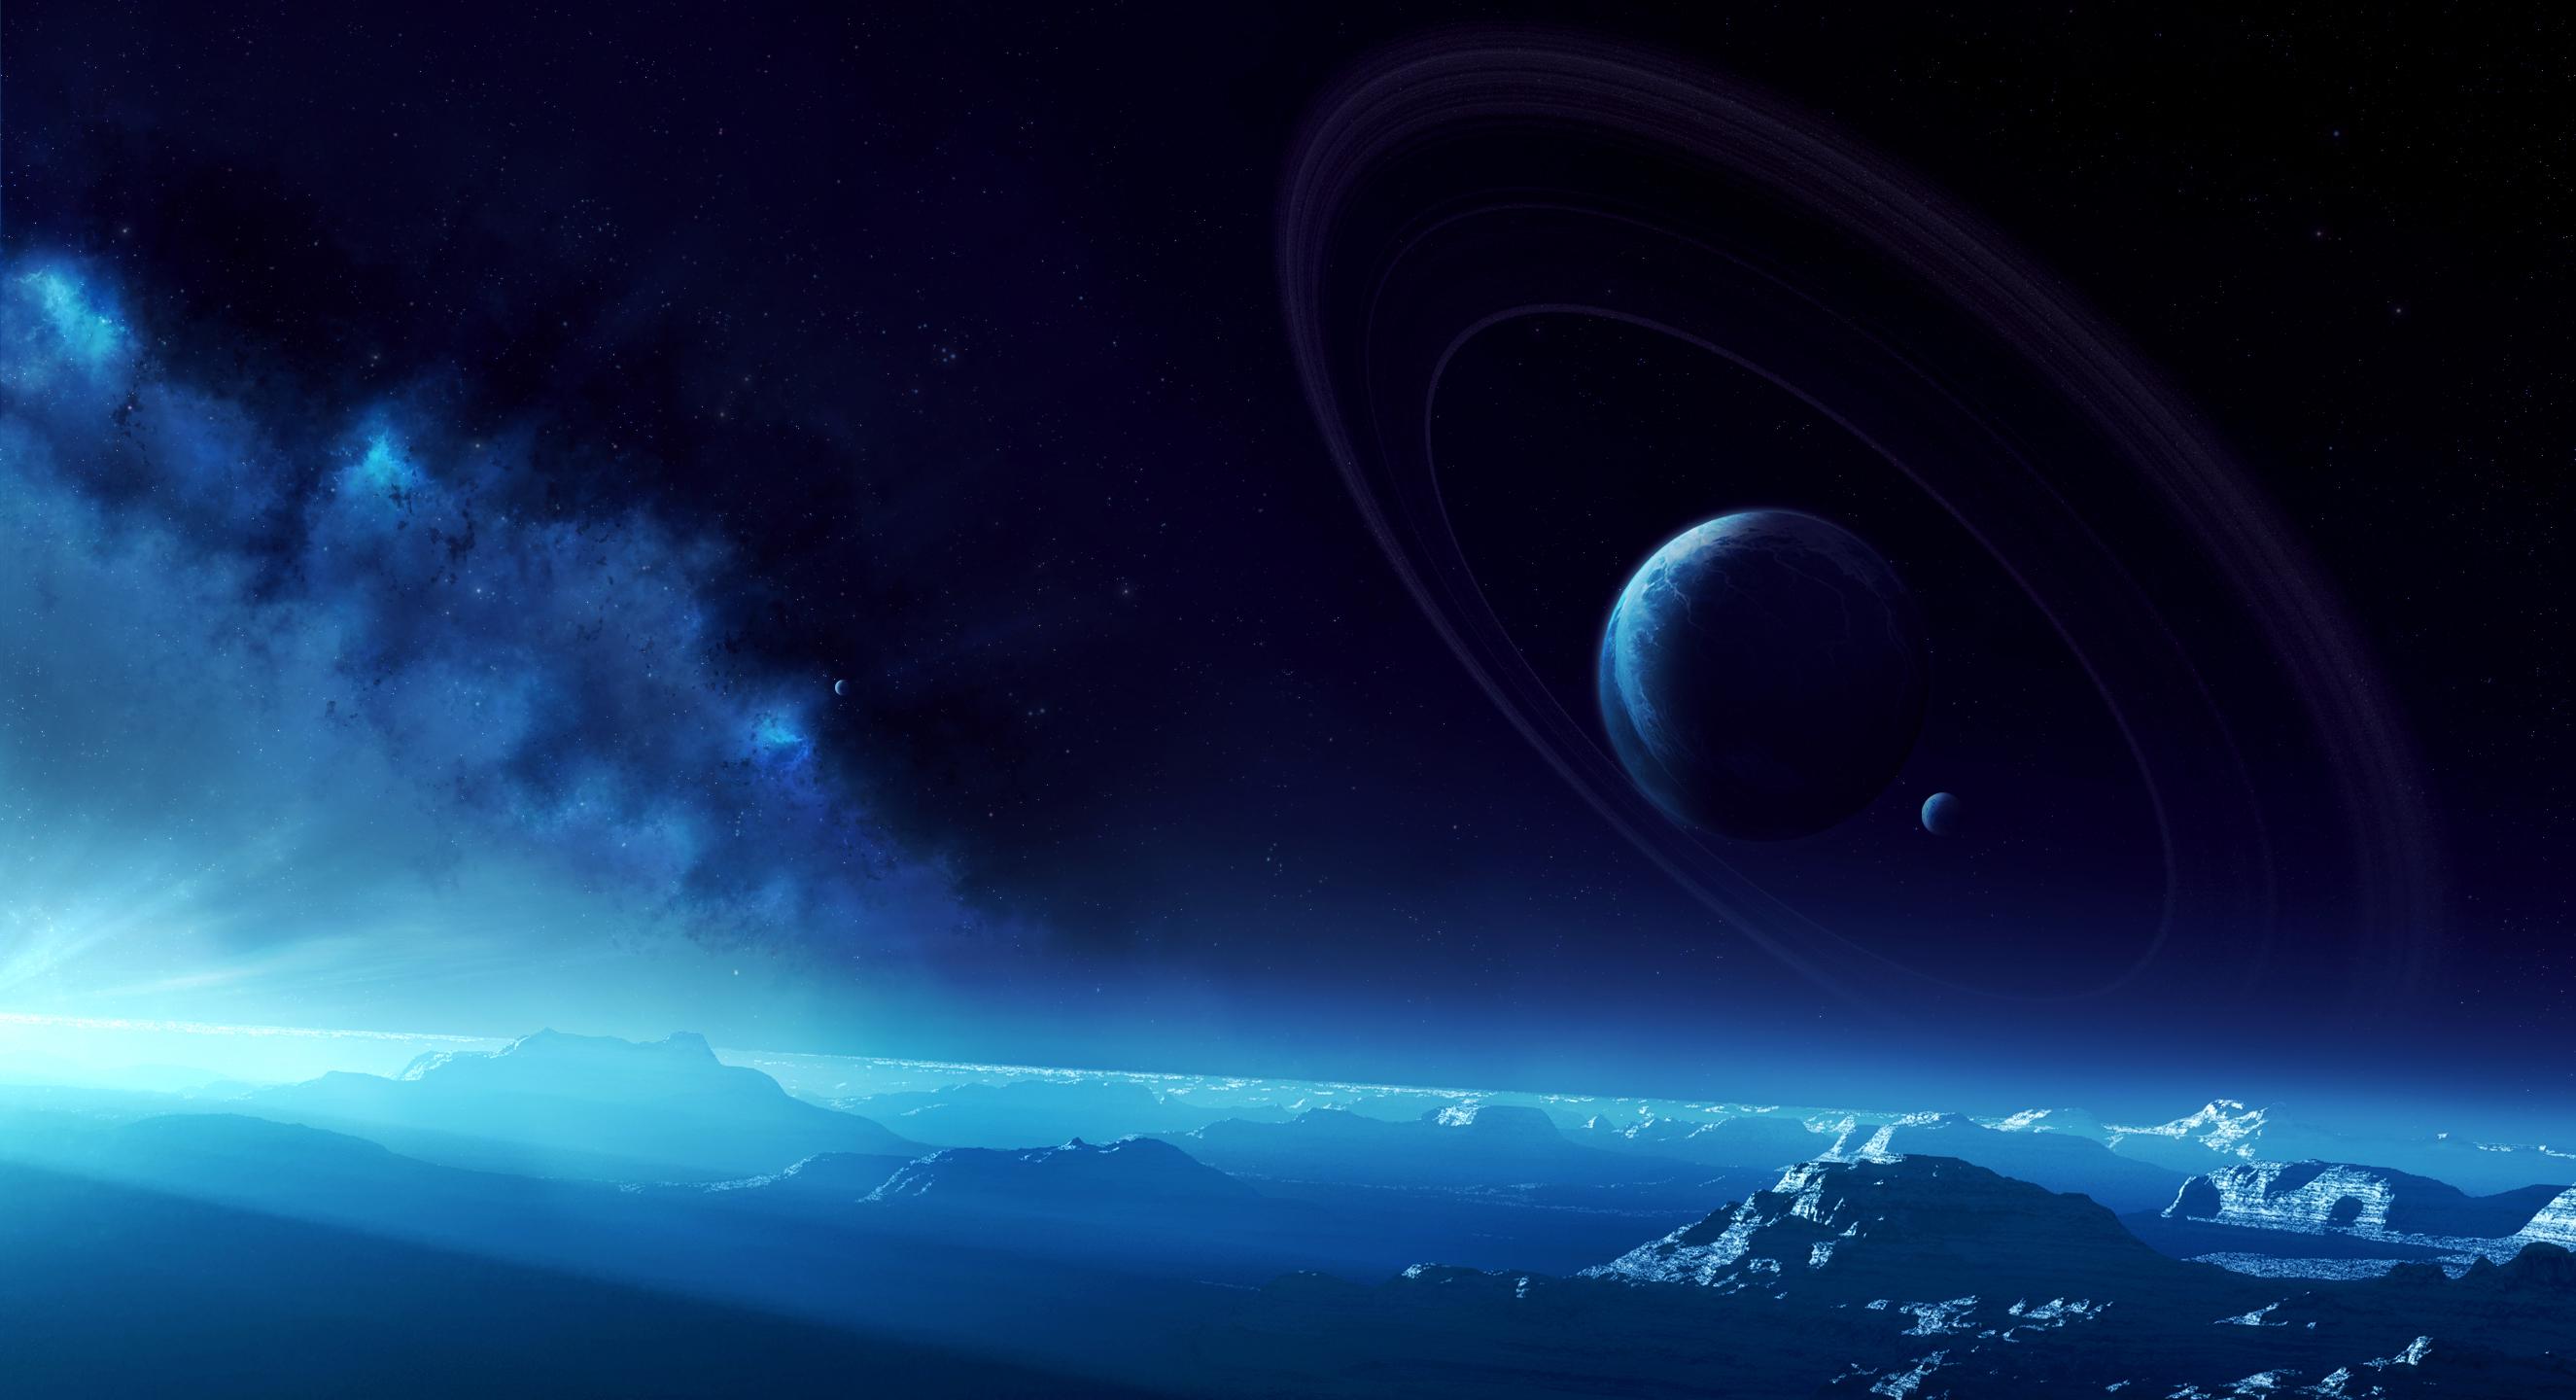 Обои Темная планета картинки на рабочий стол на тему Космос - скачать  № 1763067  скачать